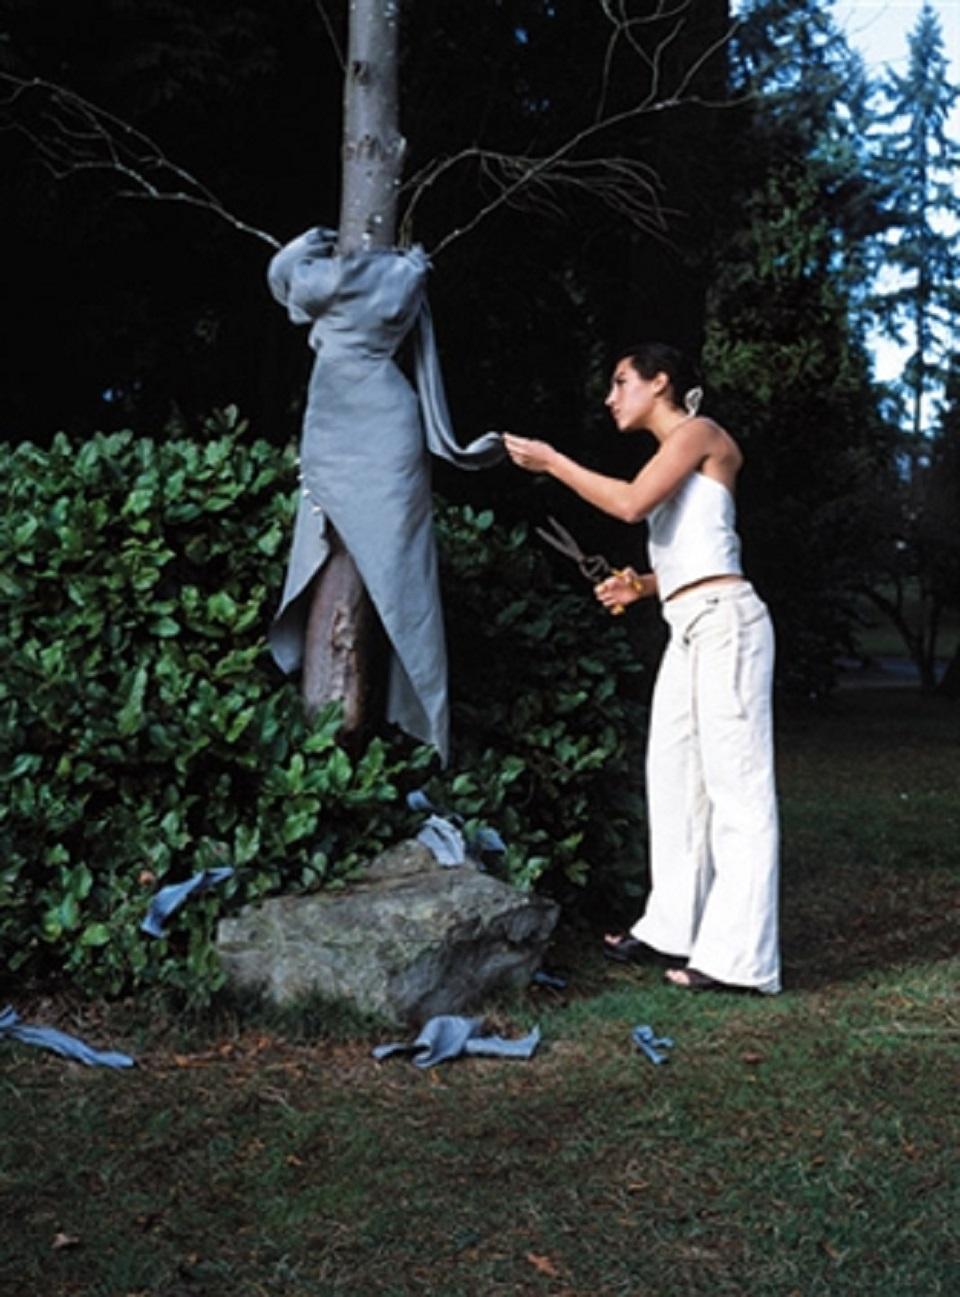 Margot Quan Knight – Prune (The Garden)